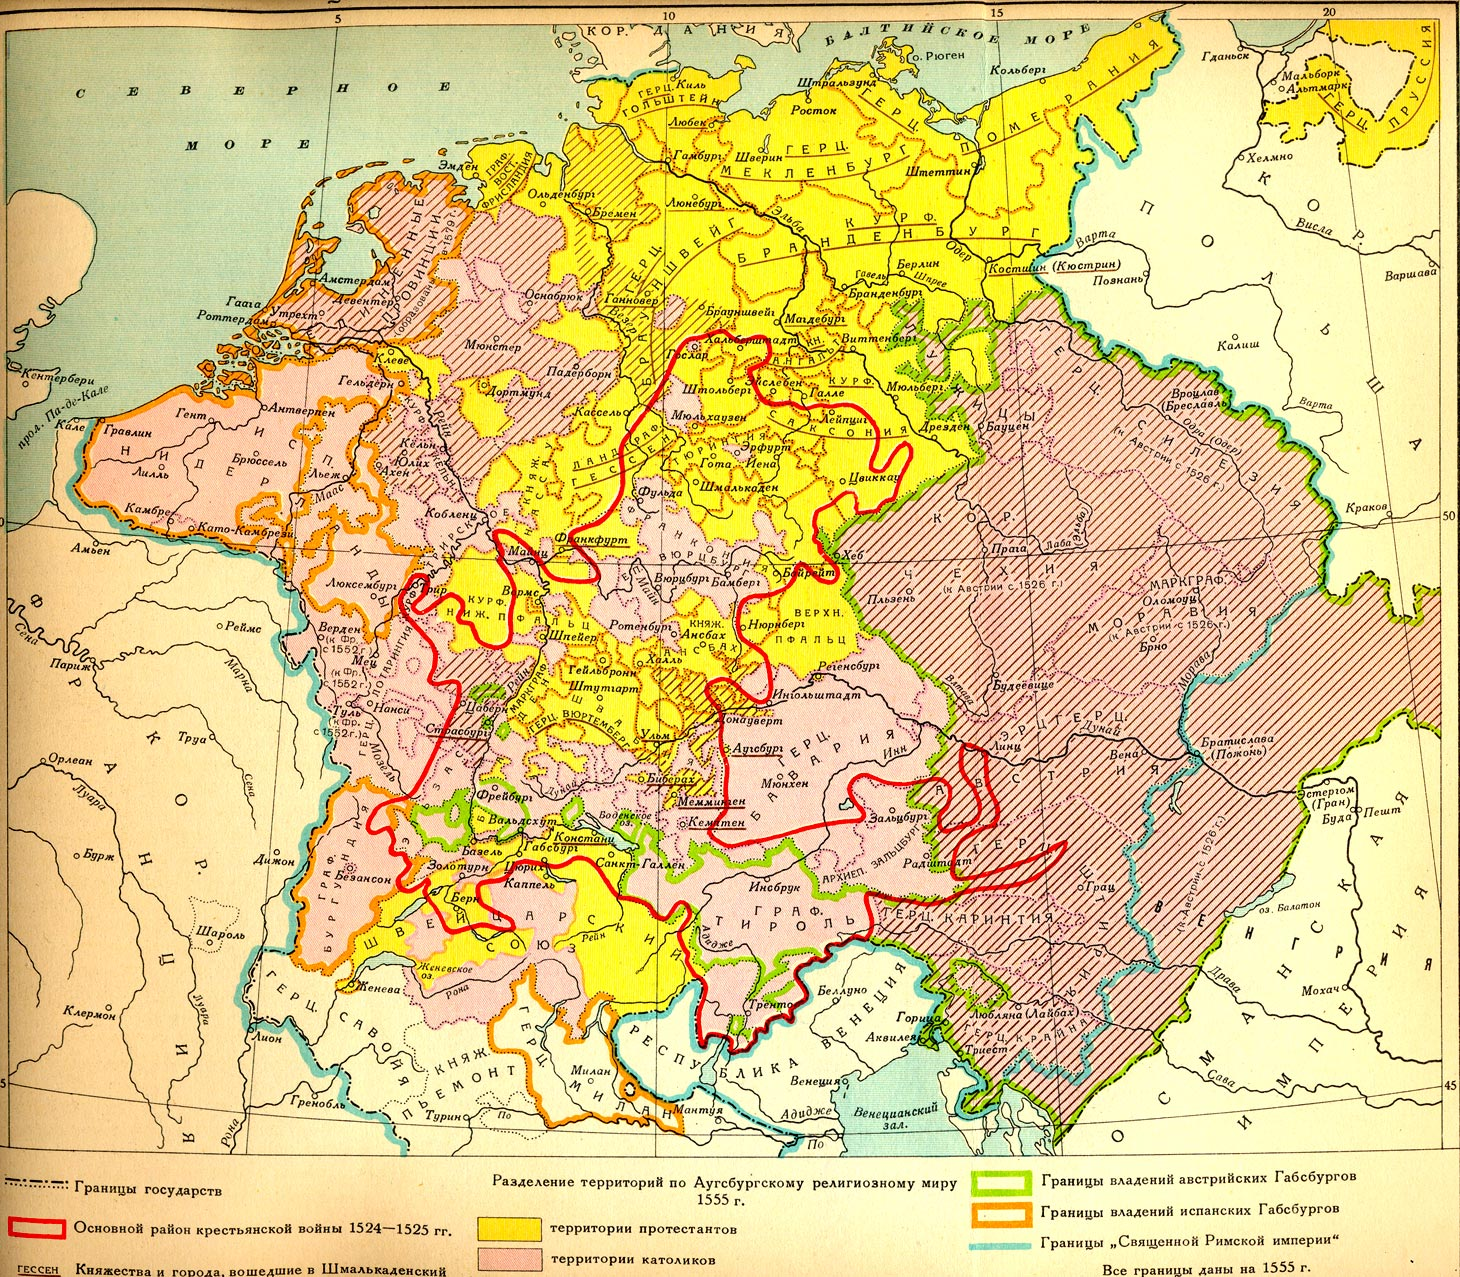 Zentraleuropa in der Epoche der Reformation und des Bauernkrieges (russisch)